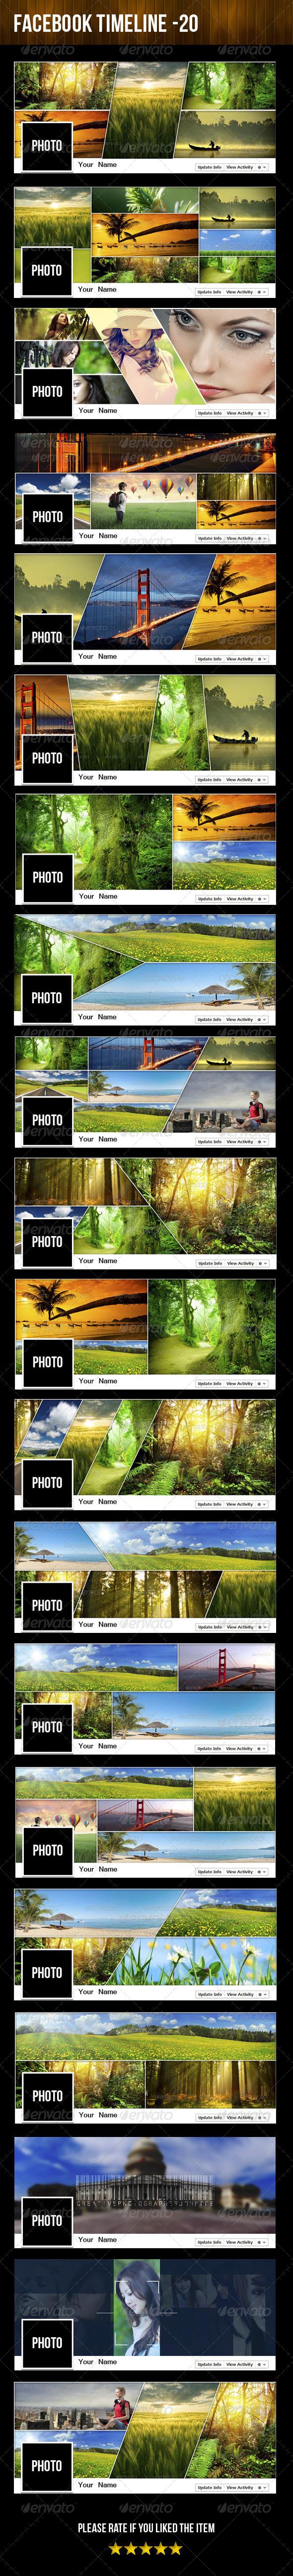 GraphicRiver 20 Facebook Timeline Mega Pack 6042170